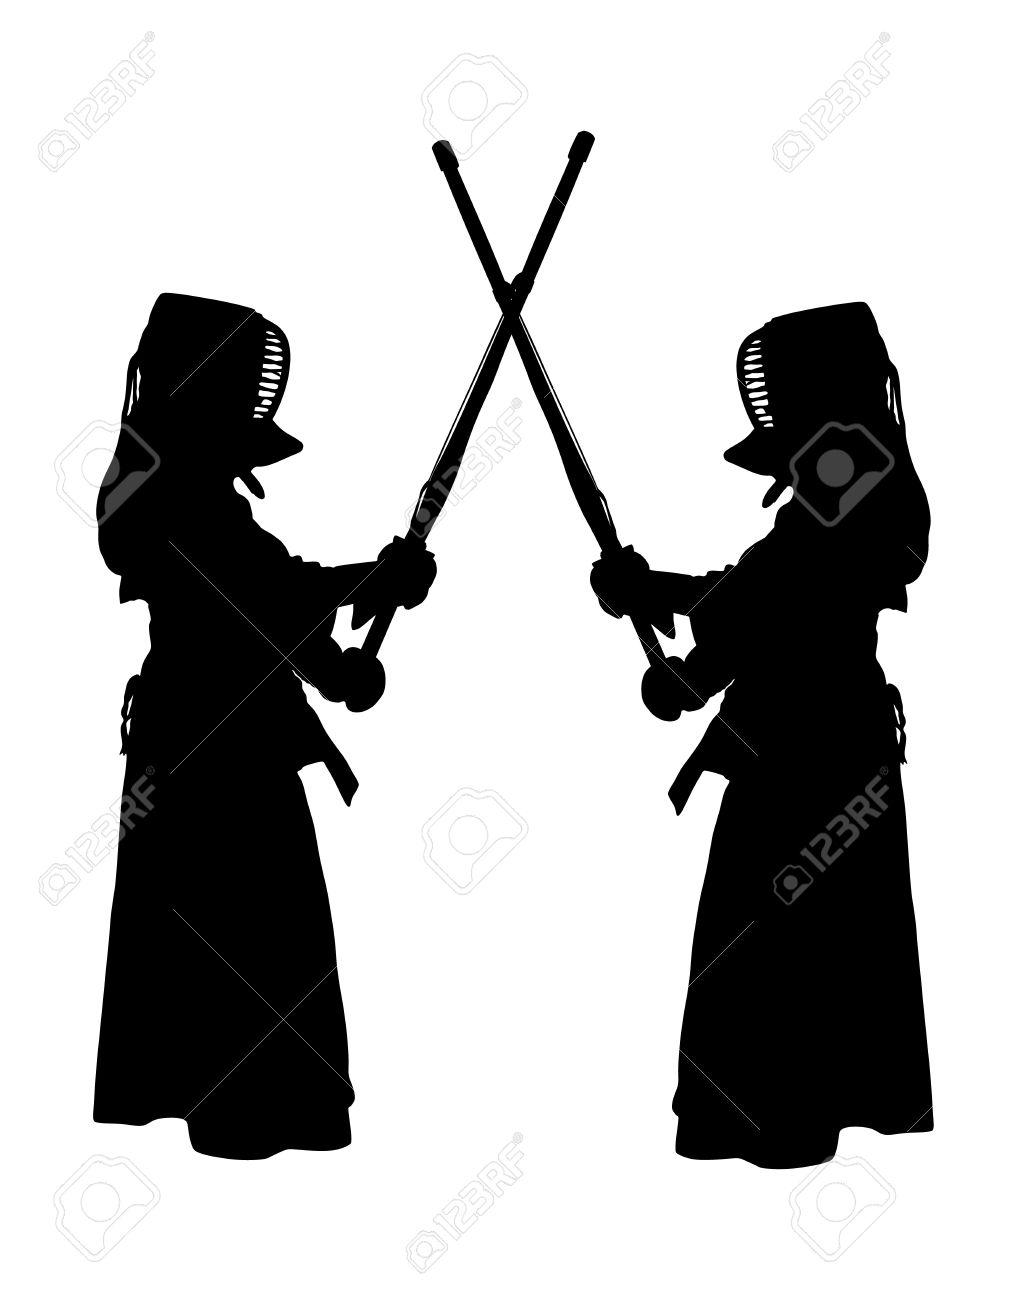 剣道トレーニングで黒の防護服とマスクを着て 2 つの文字のベクター